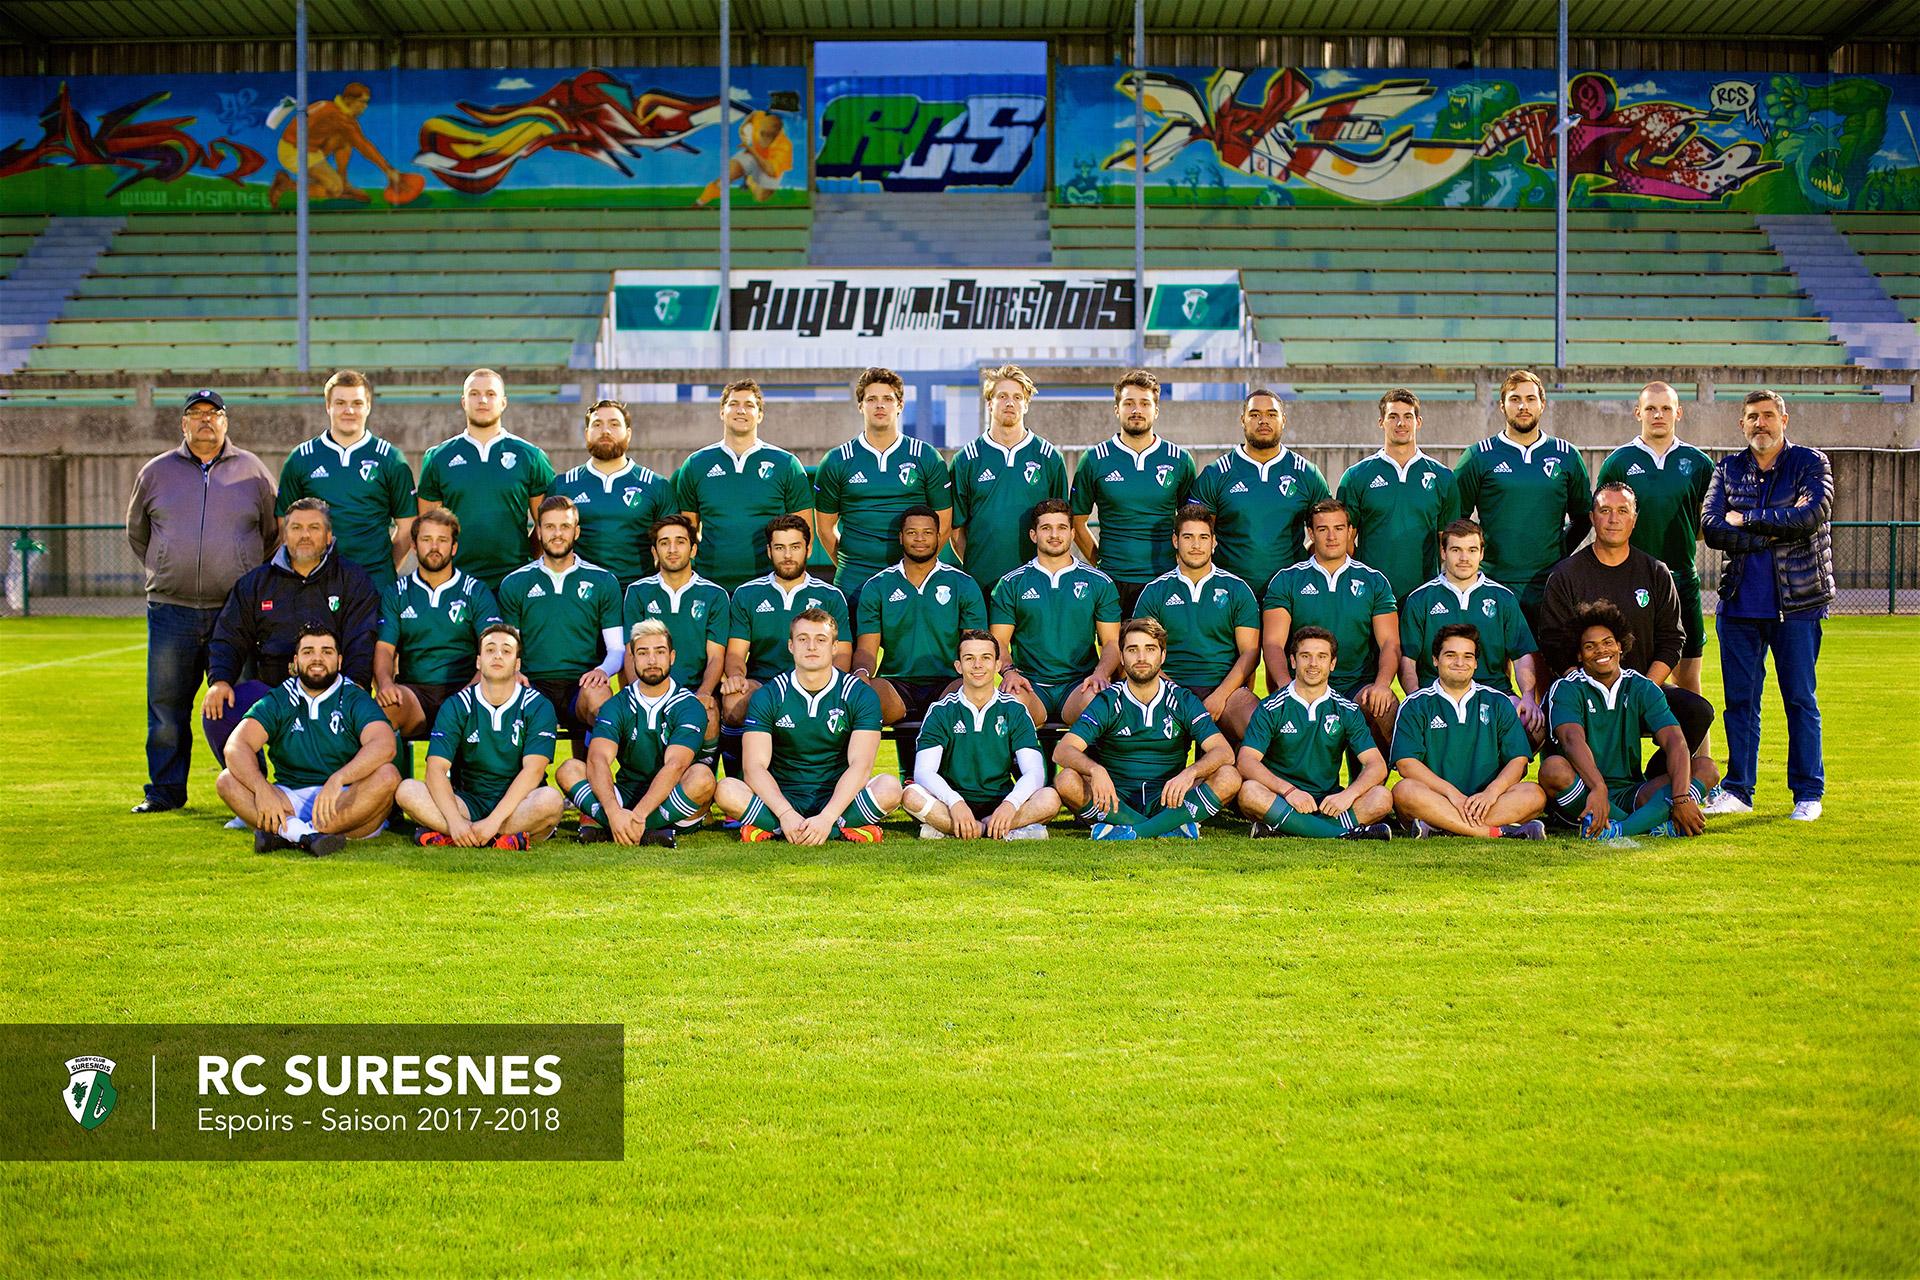 L'équipe Espoirs du RC Suresnes - saison 2017-2018